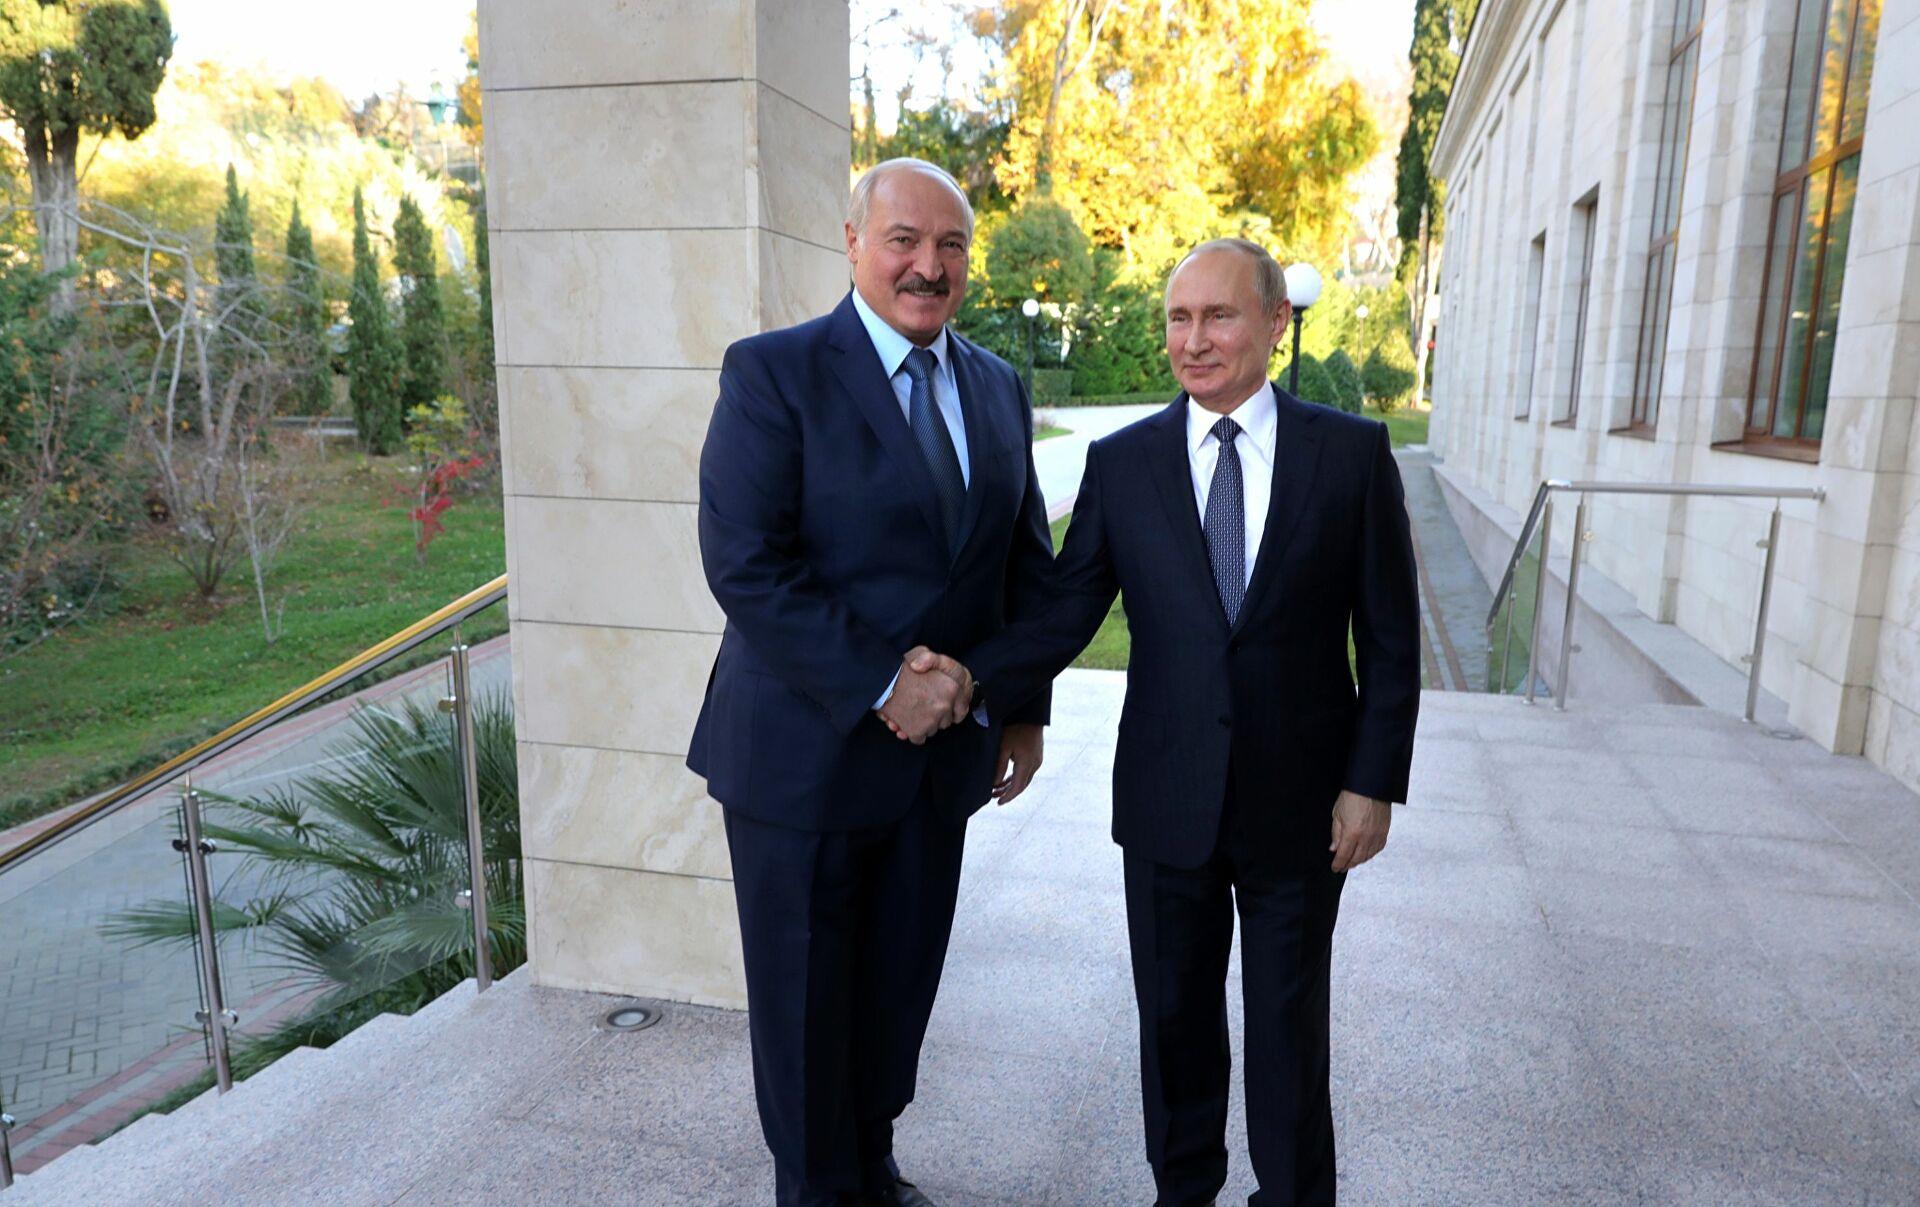 Что изменится после встречи Лукашенко и Путина в Москве - эксперт